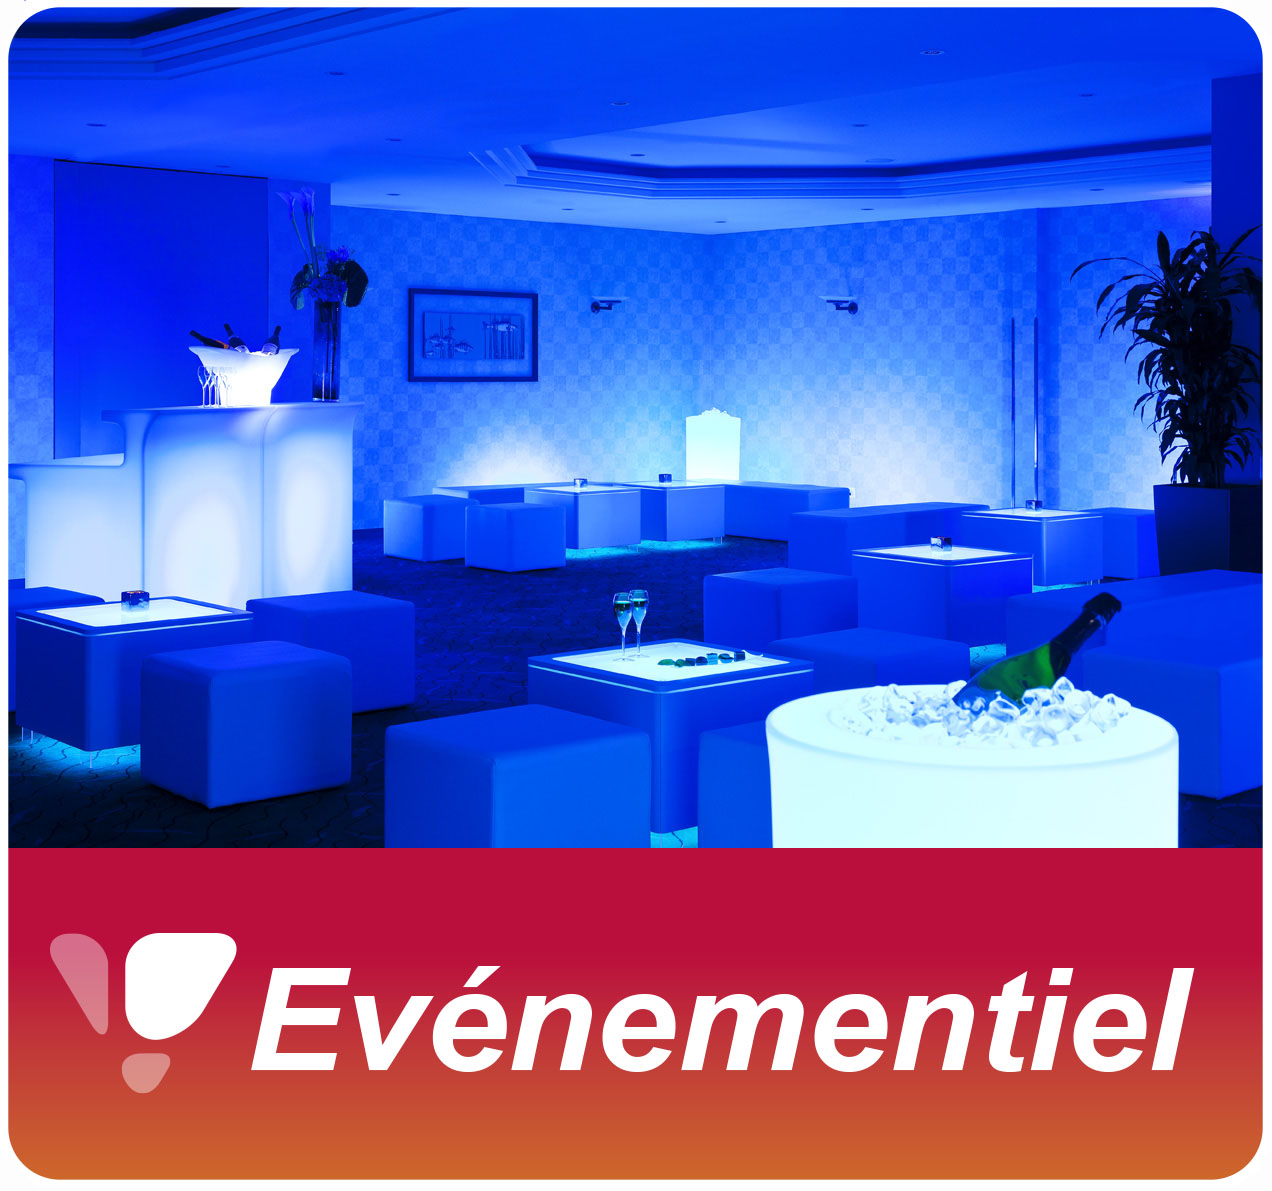 Location de tables lumineuses et de lounge